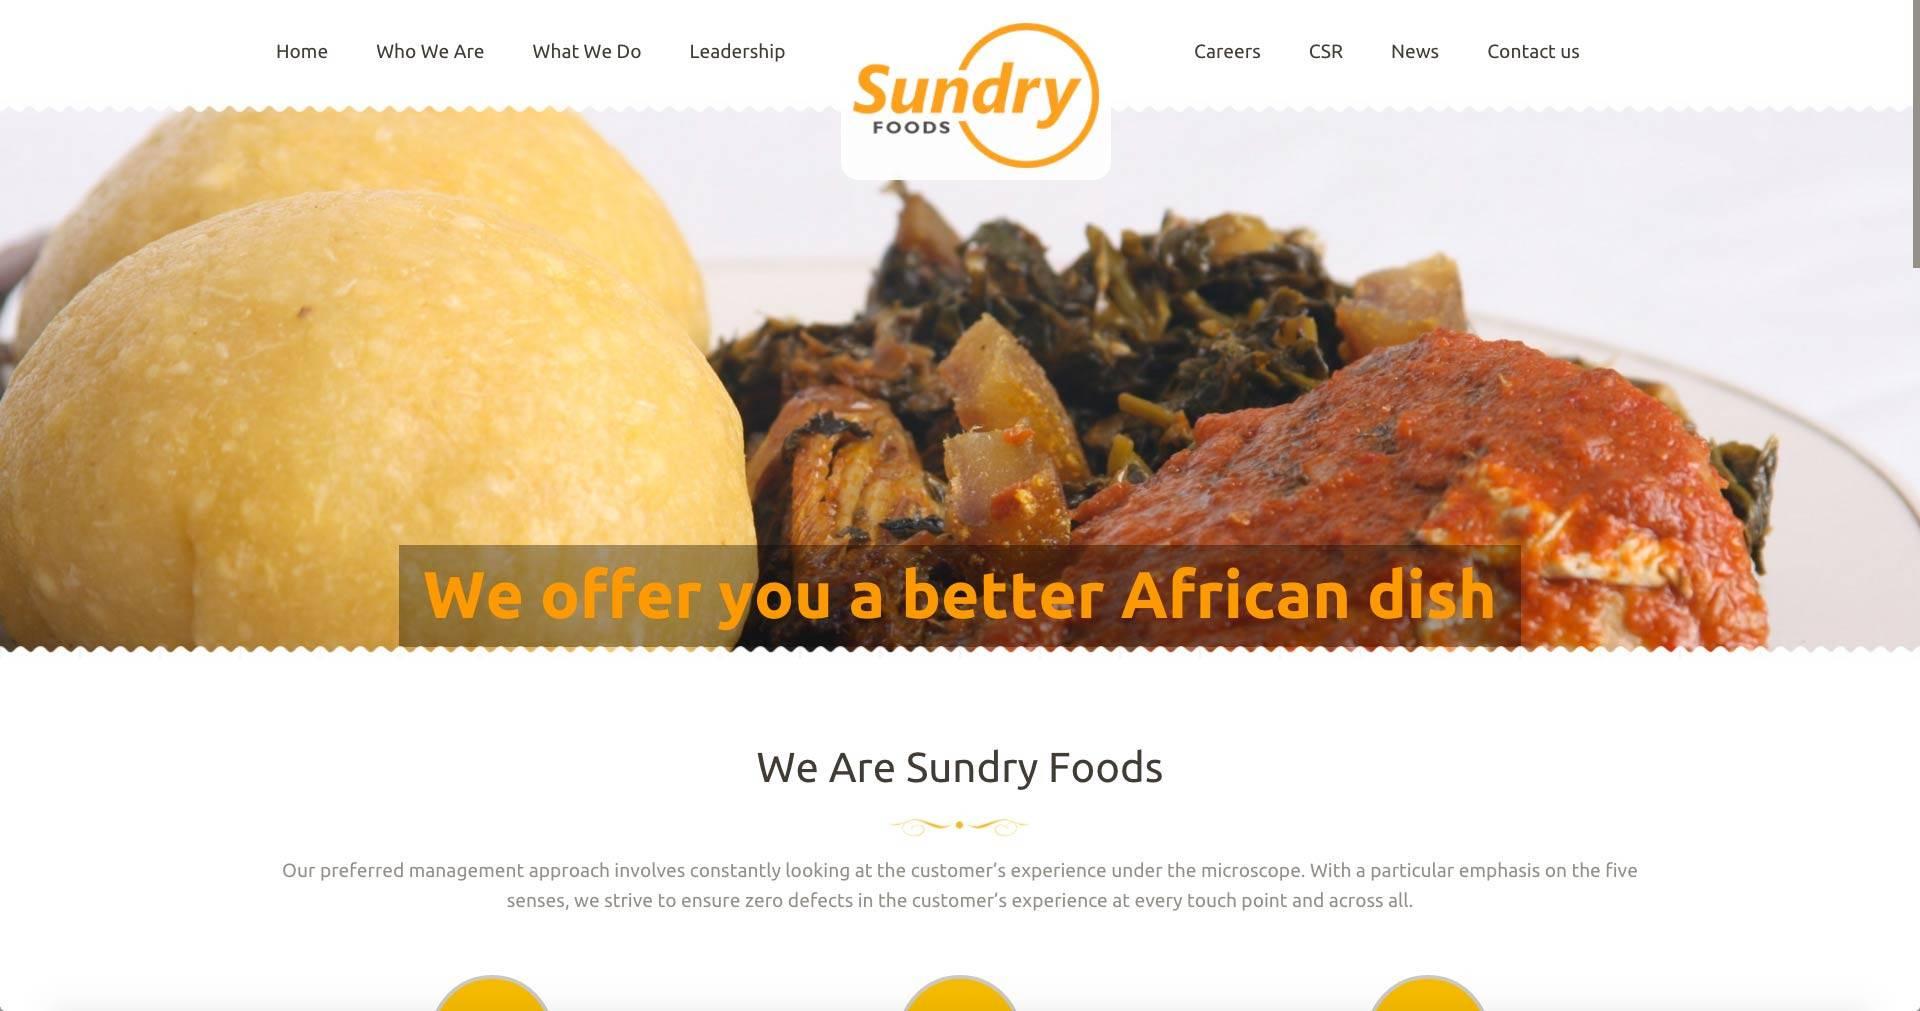 Sundry Foods